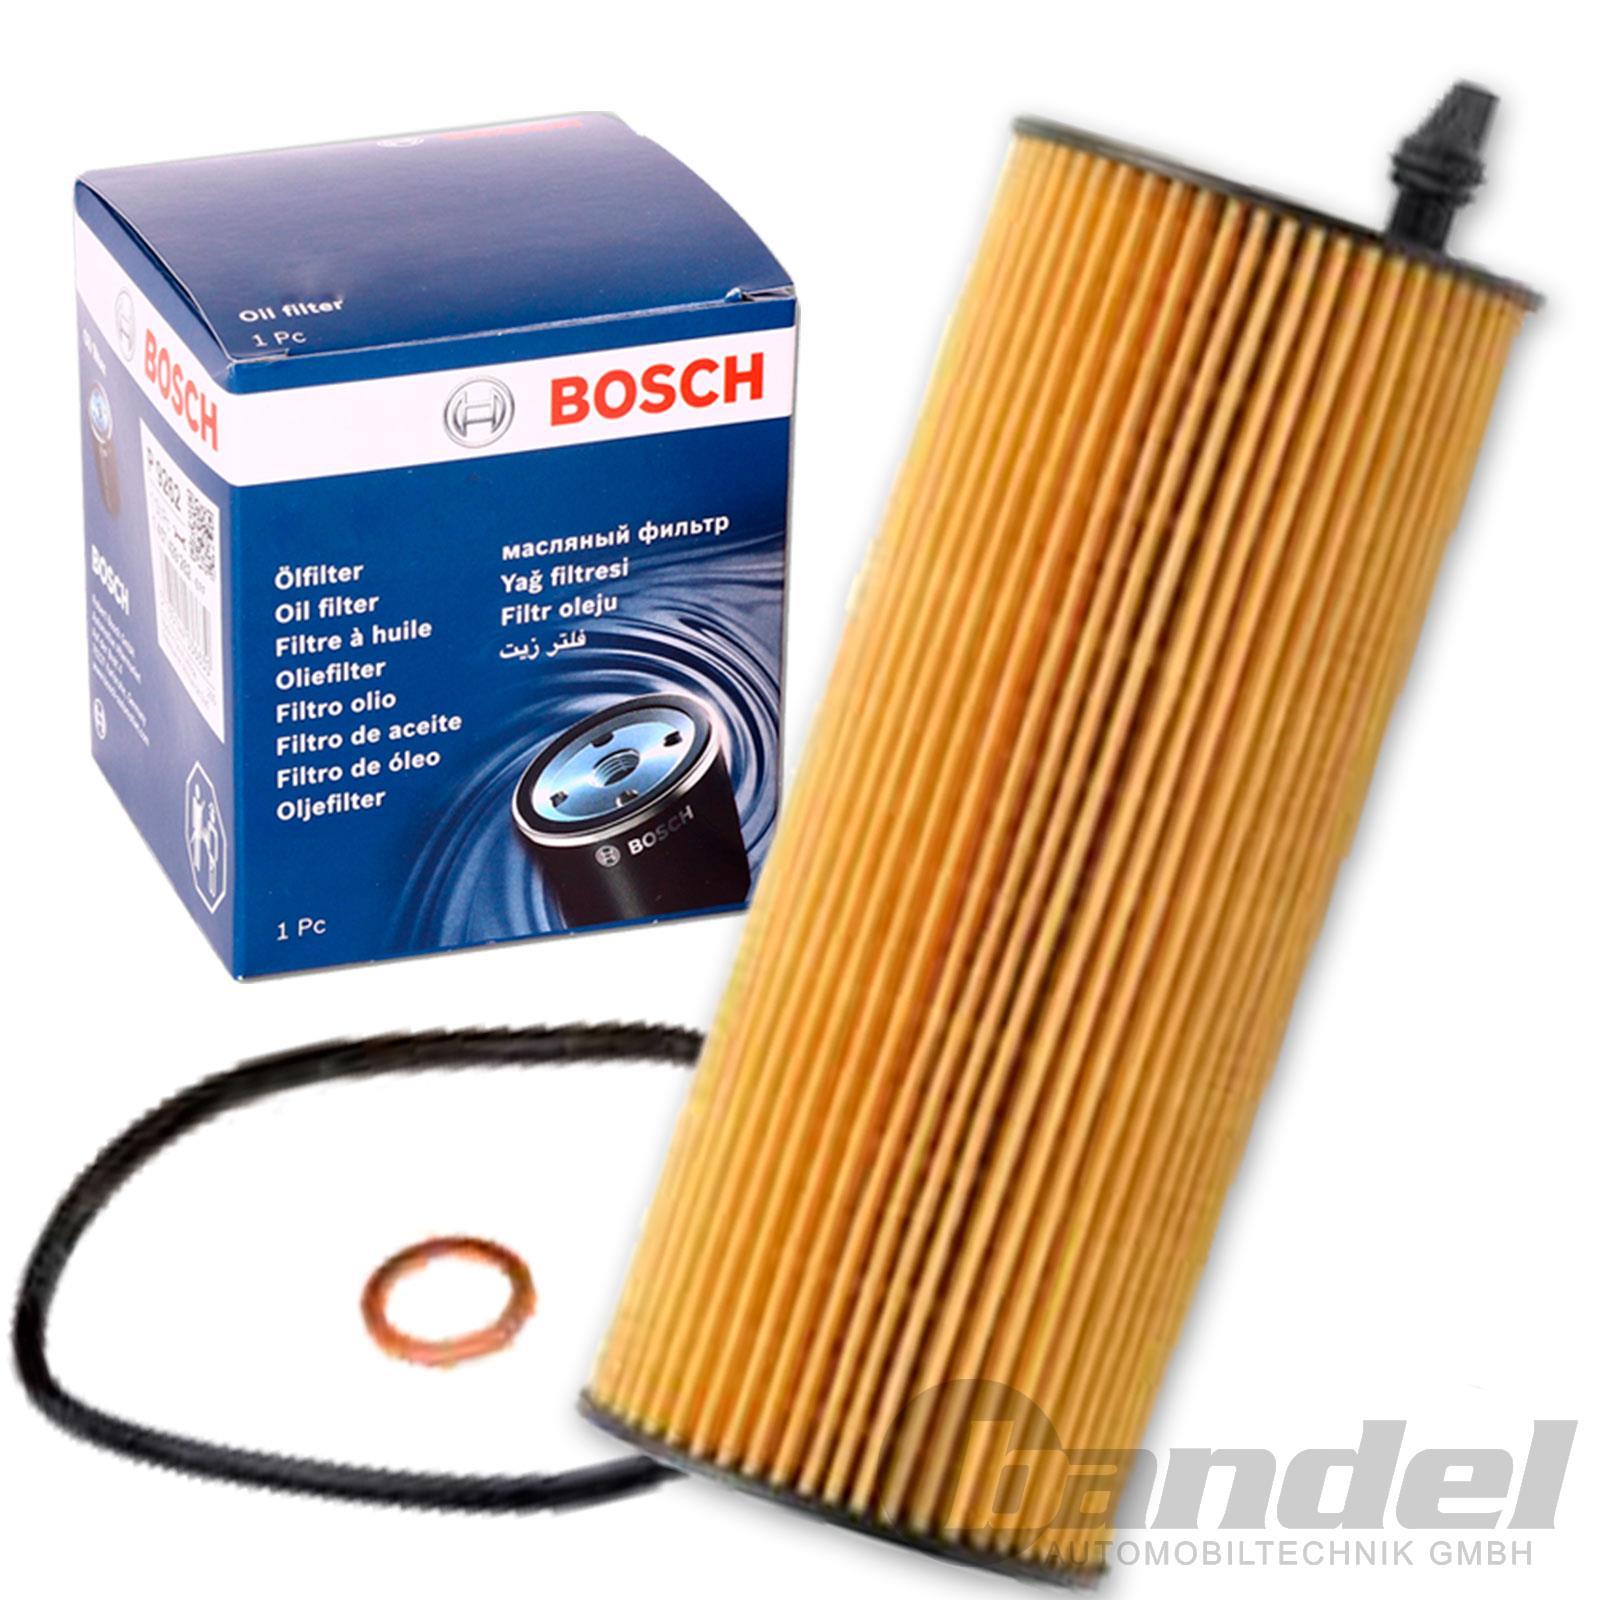 Ölfilter BOSCH F 026 407 072